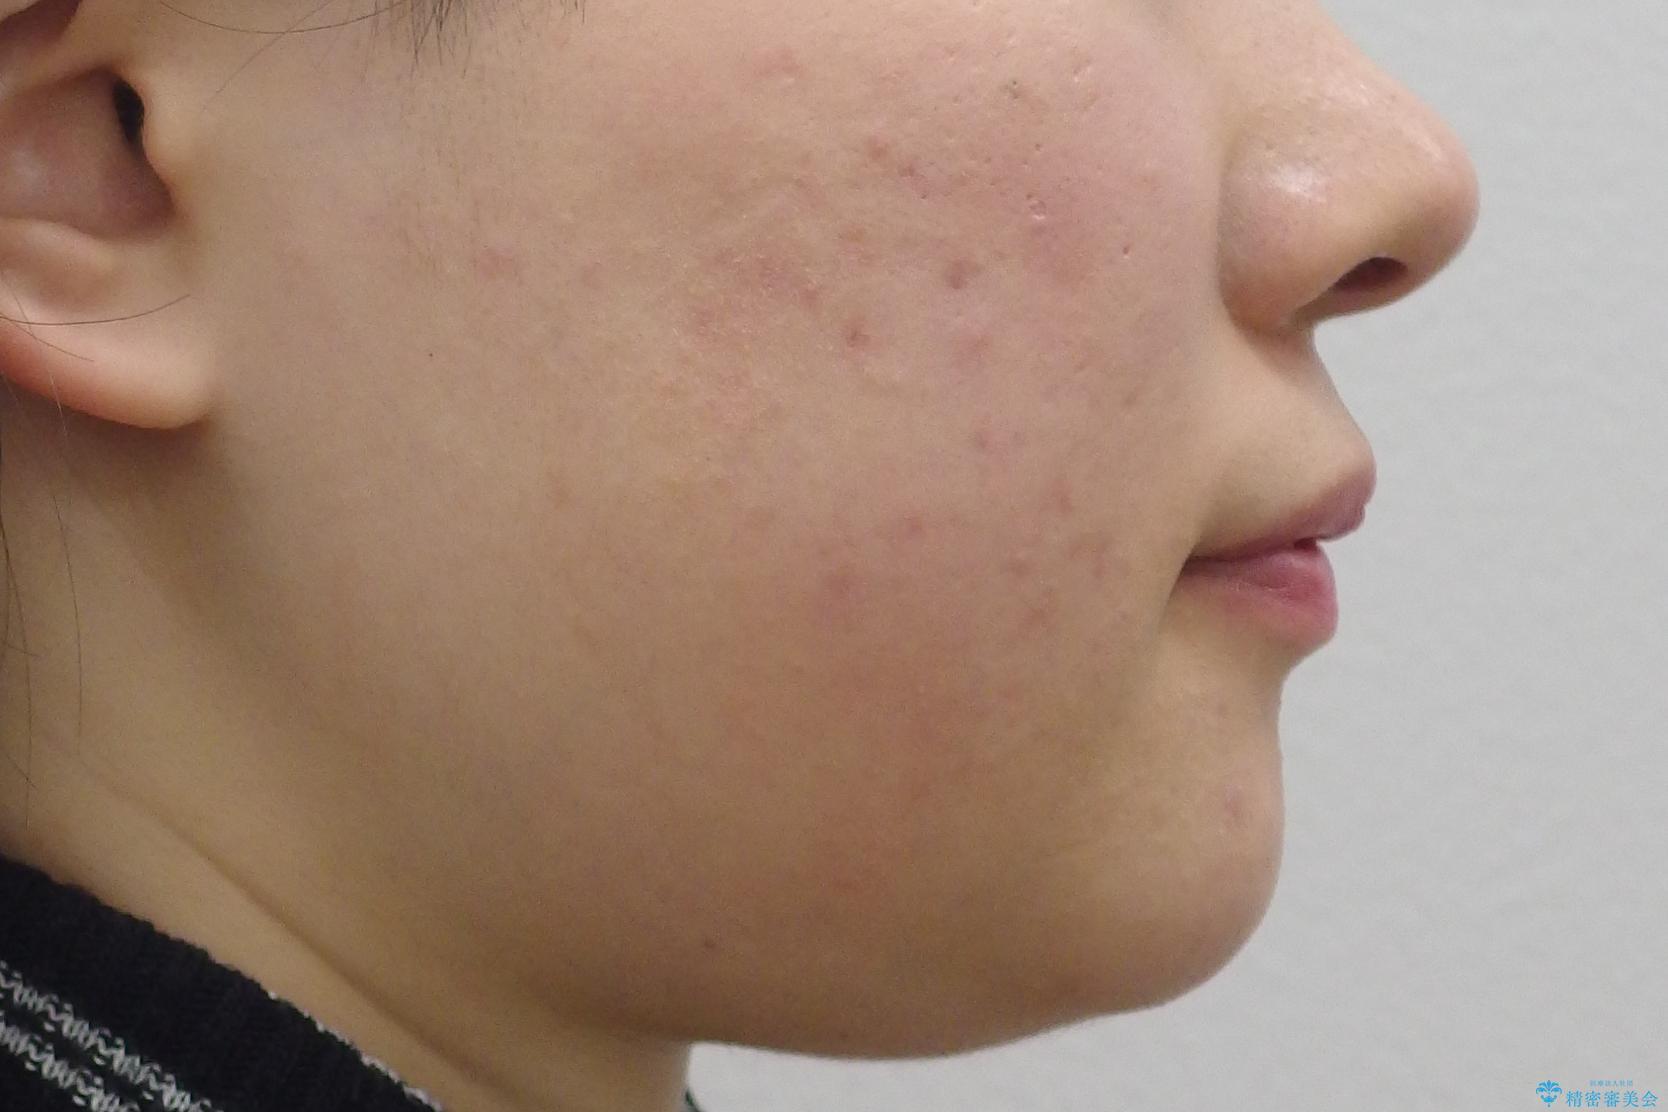 抜かない矯正 前歯がとび出ているのをマウスピースでの治療前(顔貌)